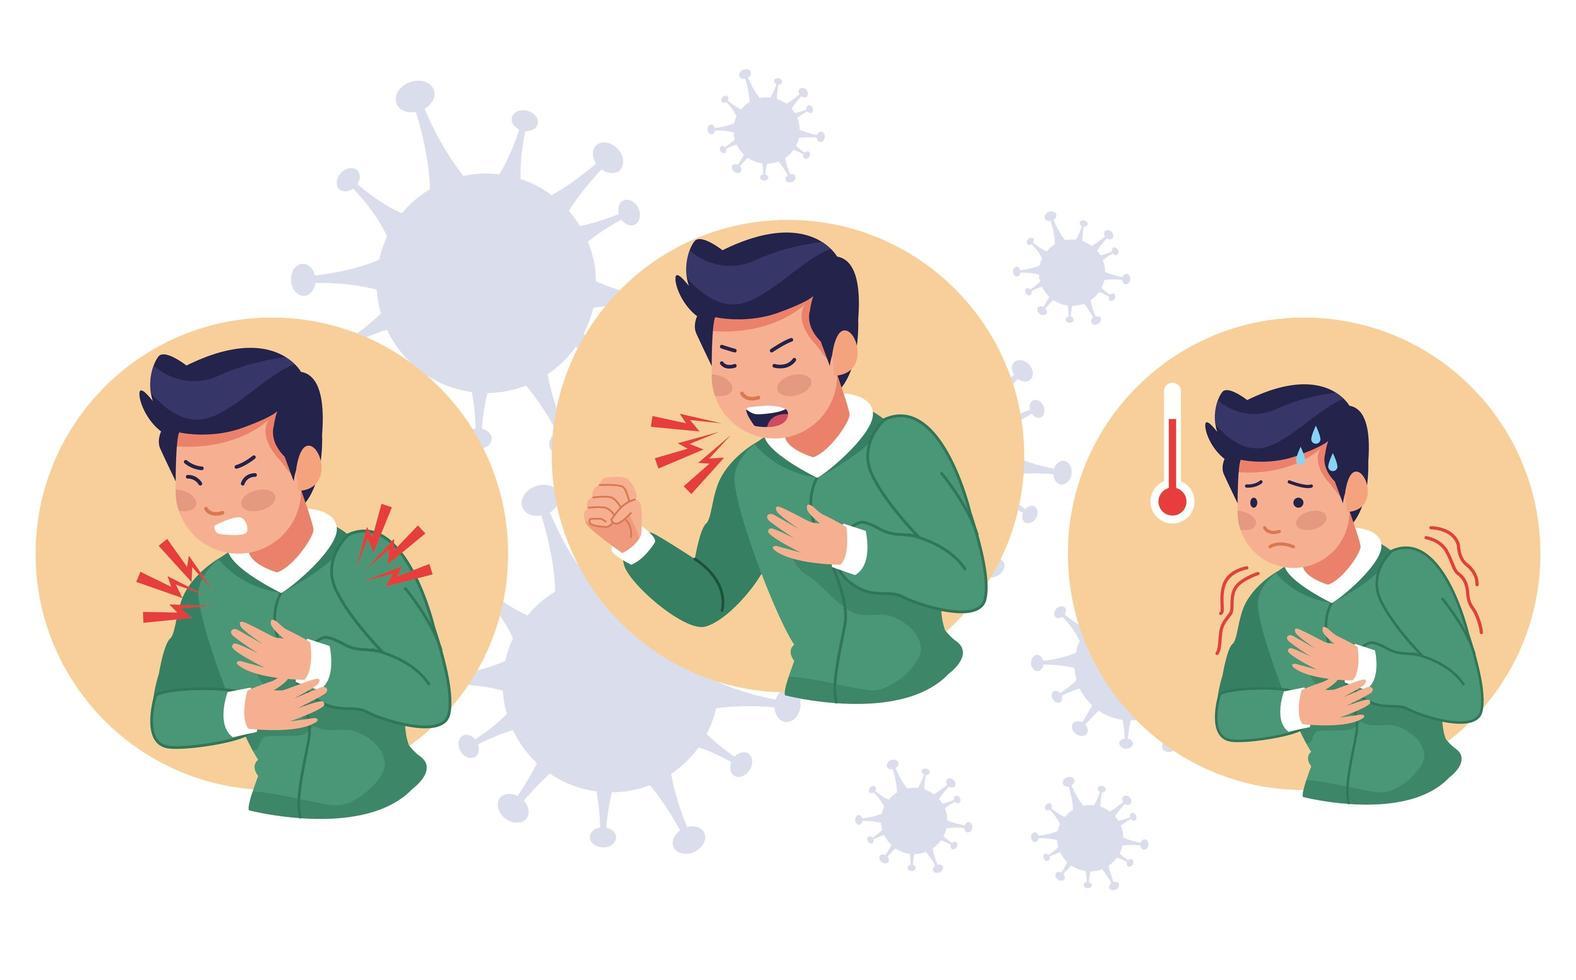 três cenas de jovens doentes com sintomas obscuros de 19 vetor